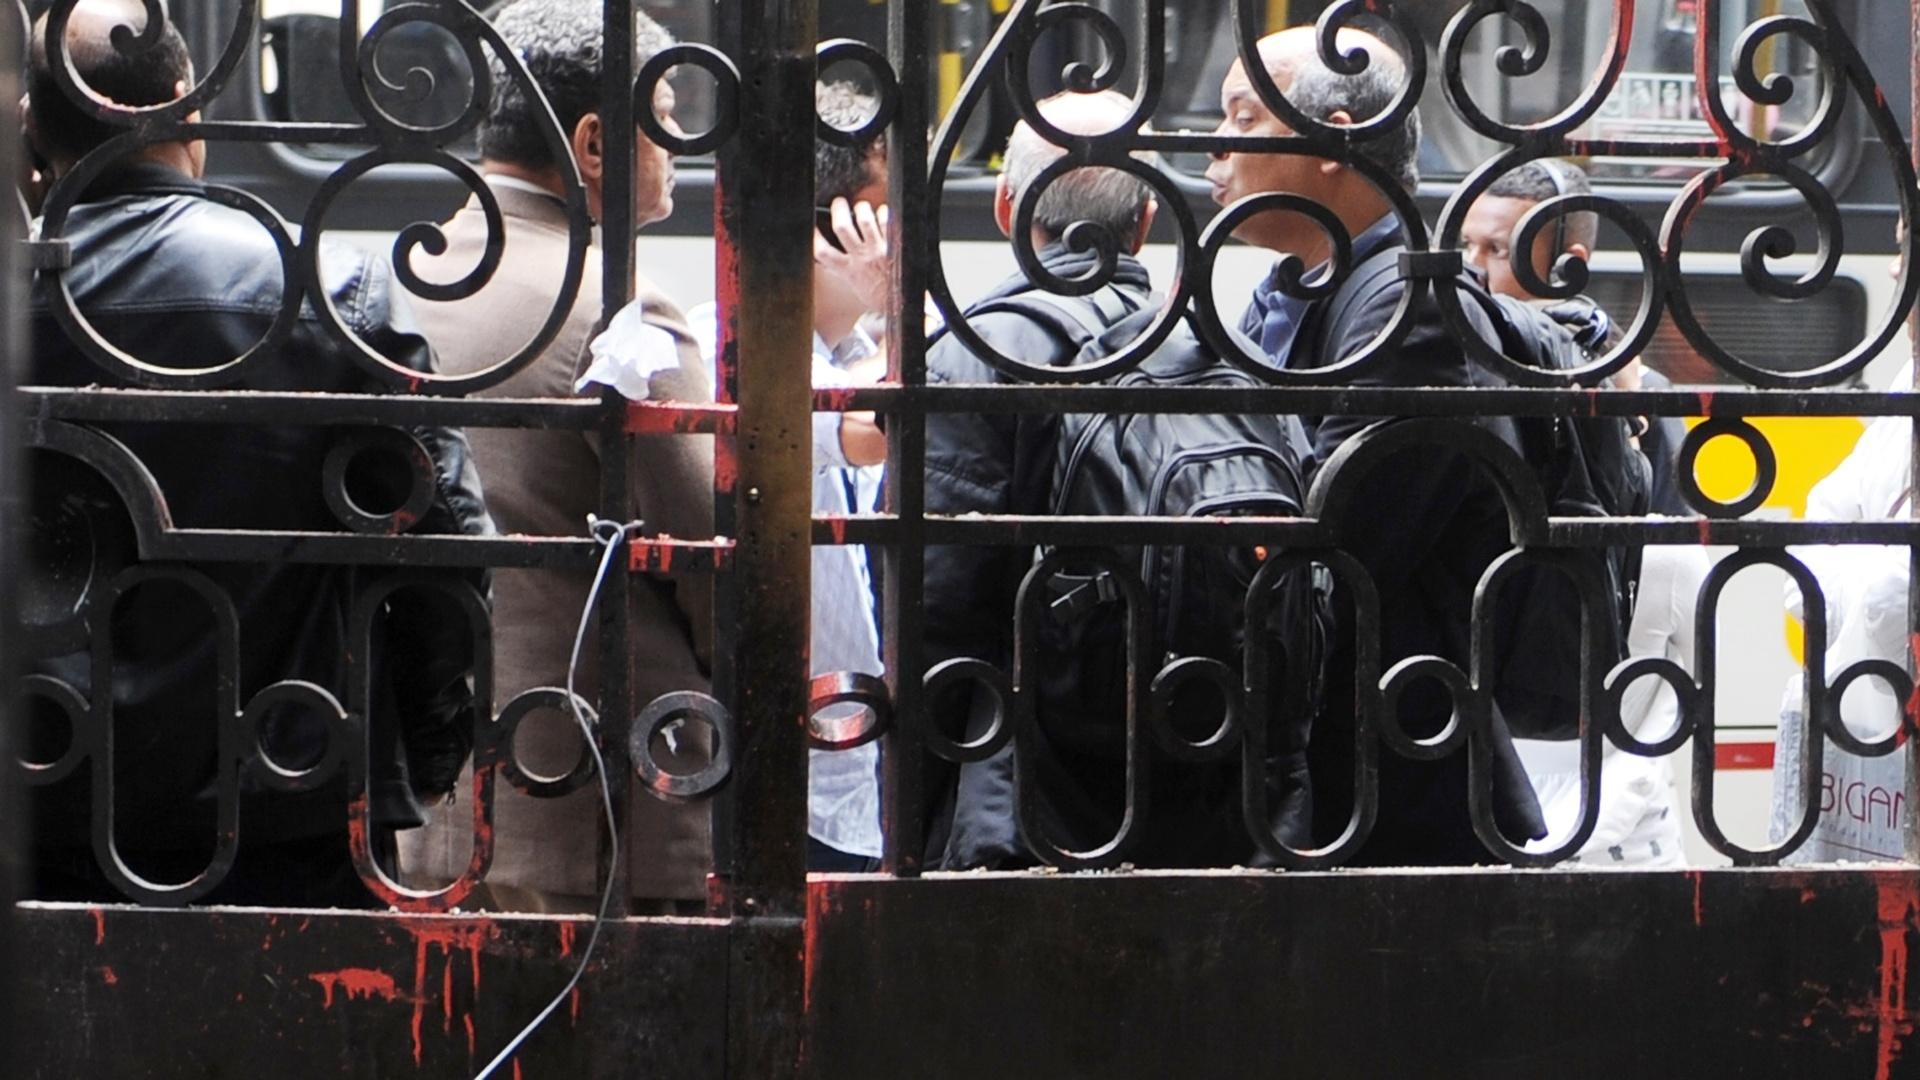 8.set.2013 - Portão da Câmara de Vereadores do Rio de Janeiro amanheceu pichado e avariado após protesto em apoio a professores em greve na noite de segunda-feira (7) na Cinelândia, zona central da cidade